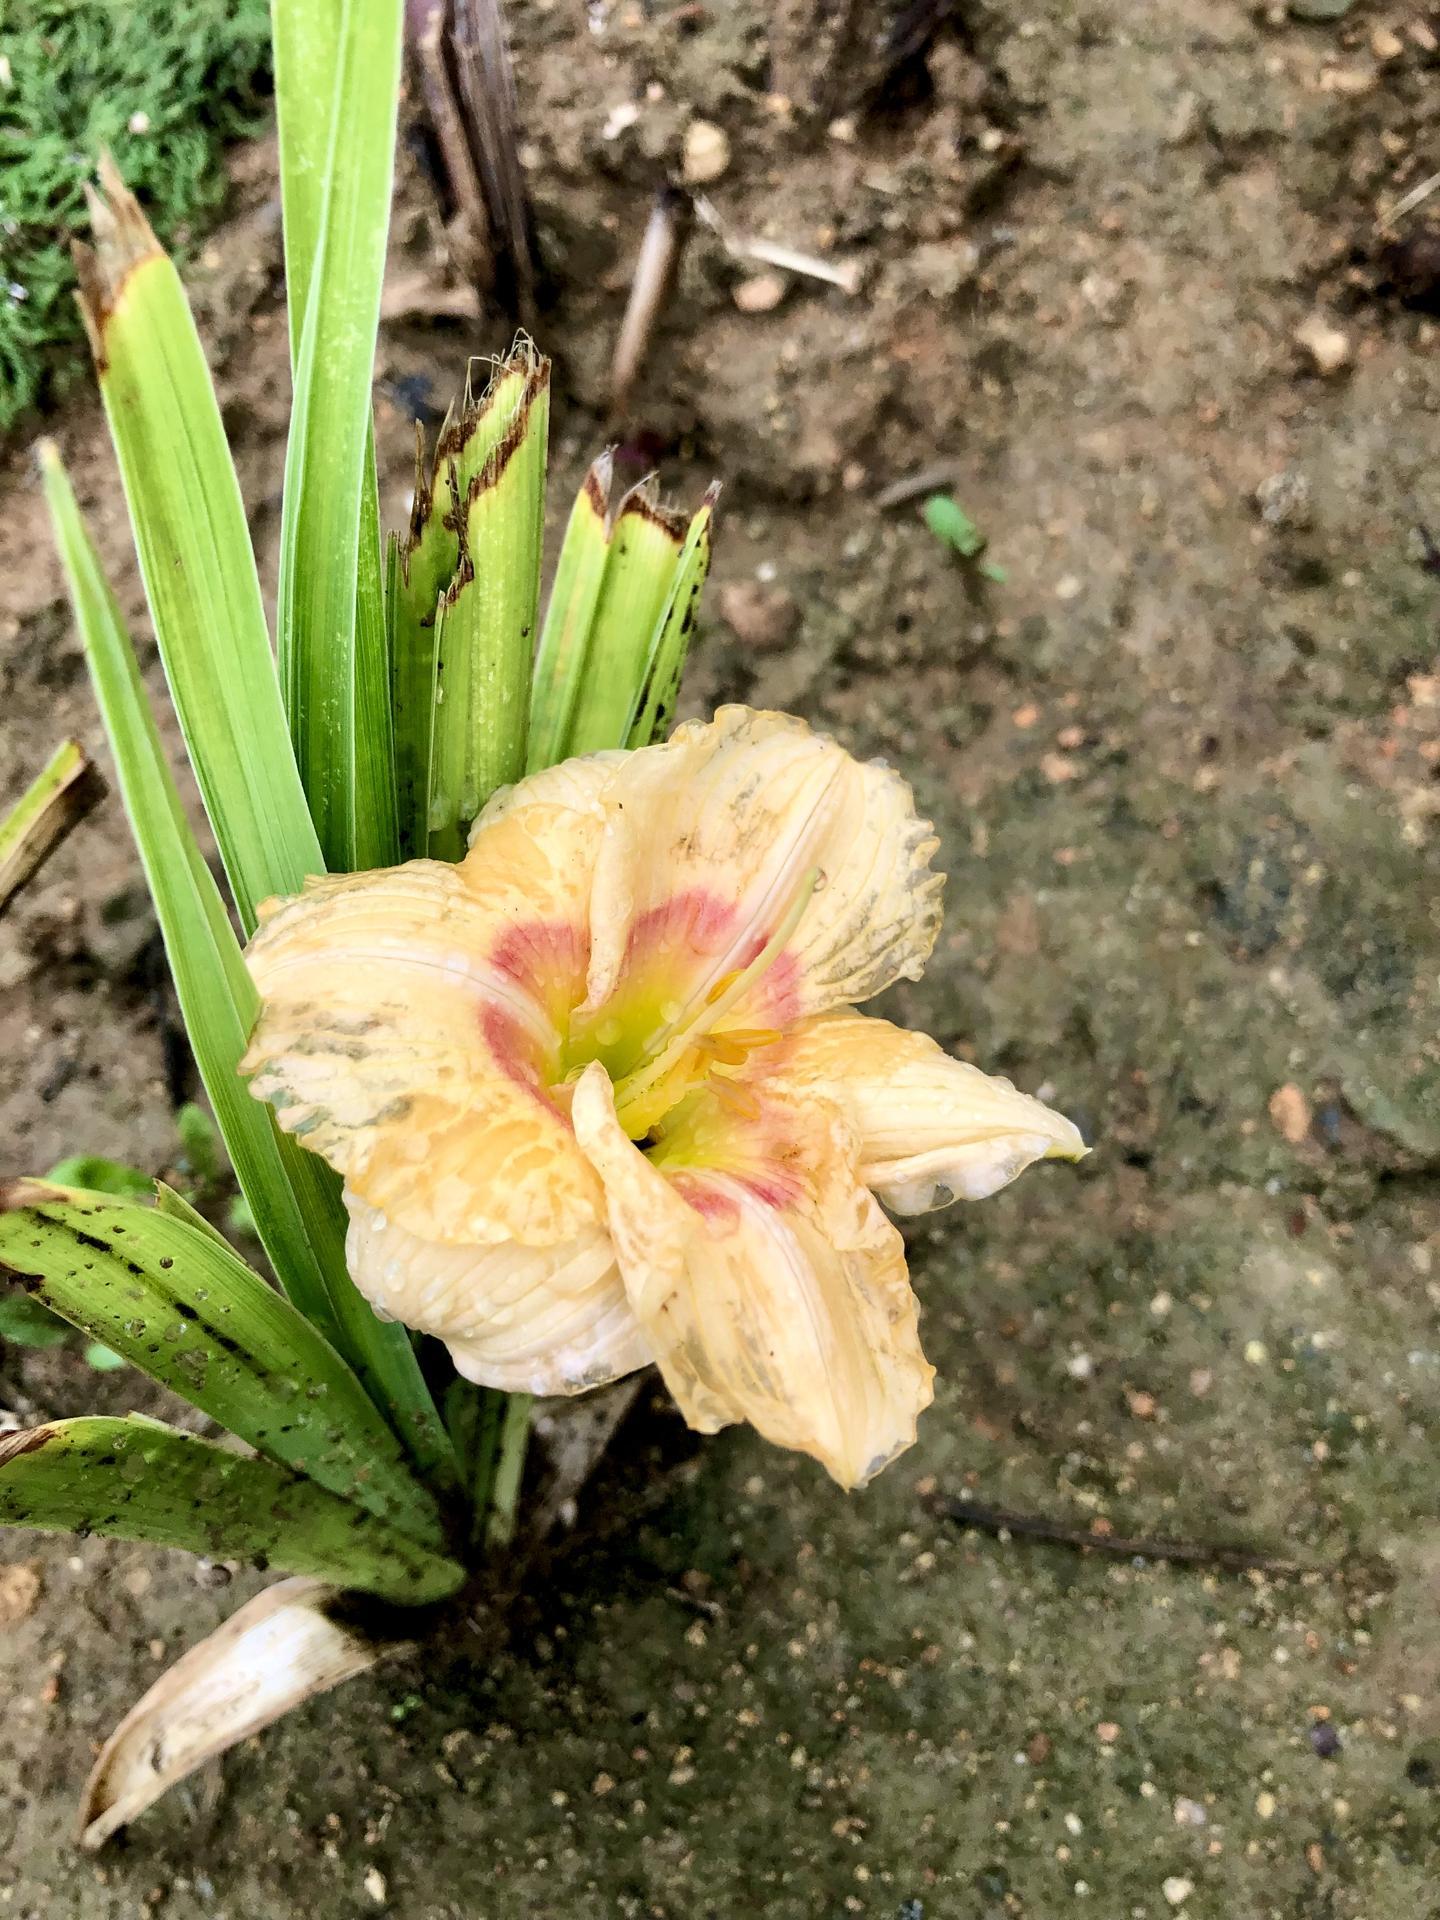 Skřítčí zahrada 2021 - Červenec 2021 - další květ denivky, trochu poničený ostřejším deštěm